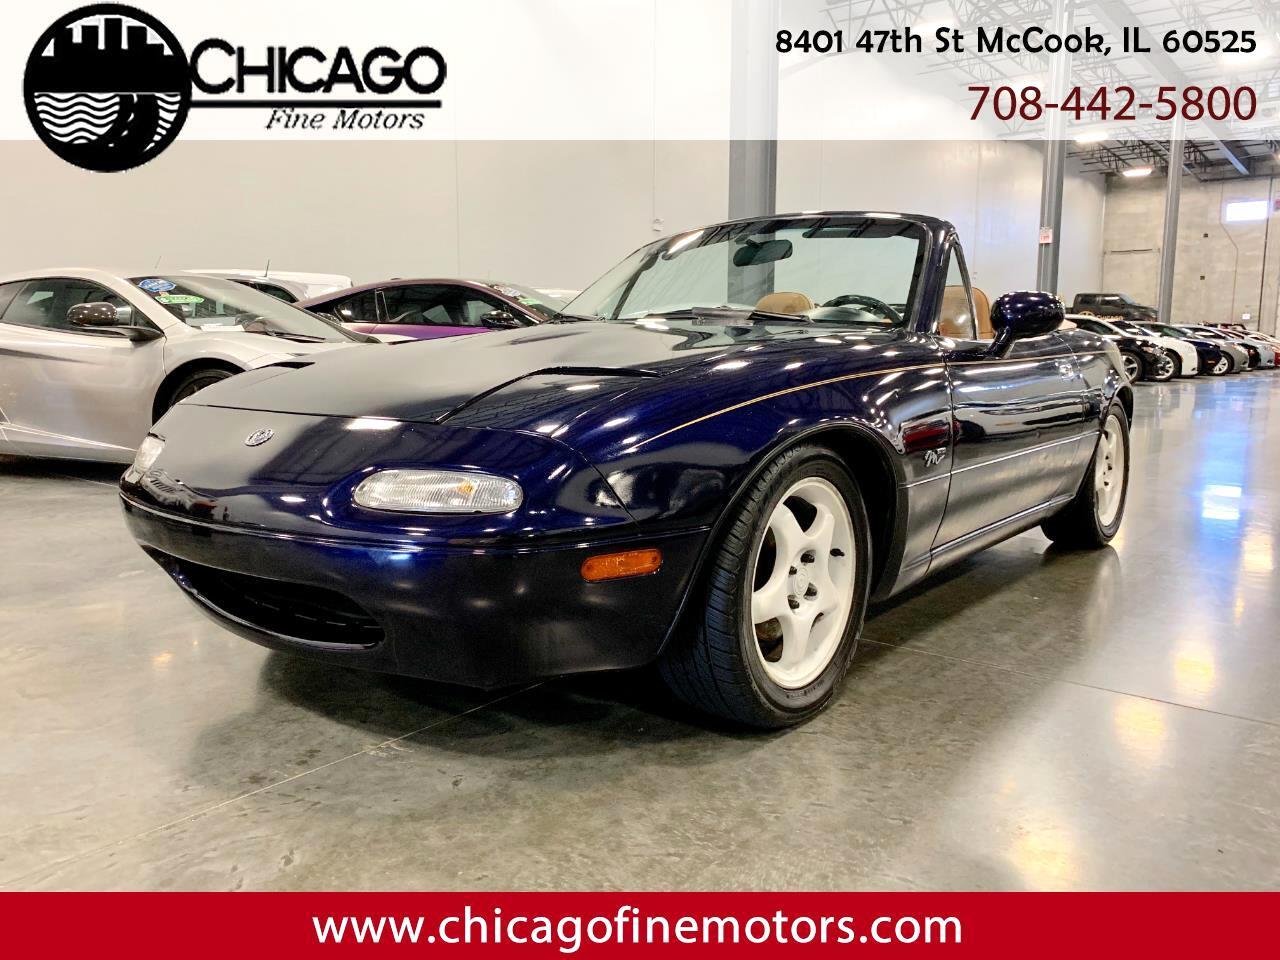 Used 1996 Mazda Mx 5 Miata For Sale In Mccook Il 60525 Chicago Fine